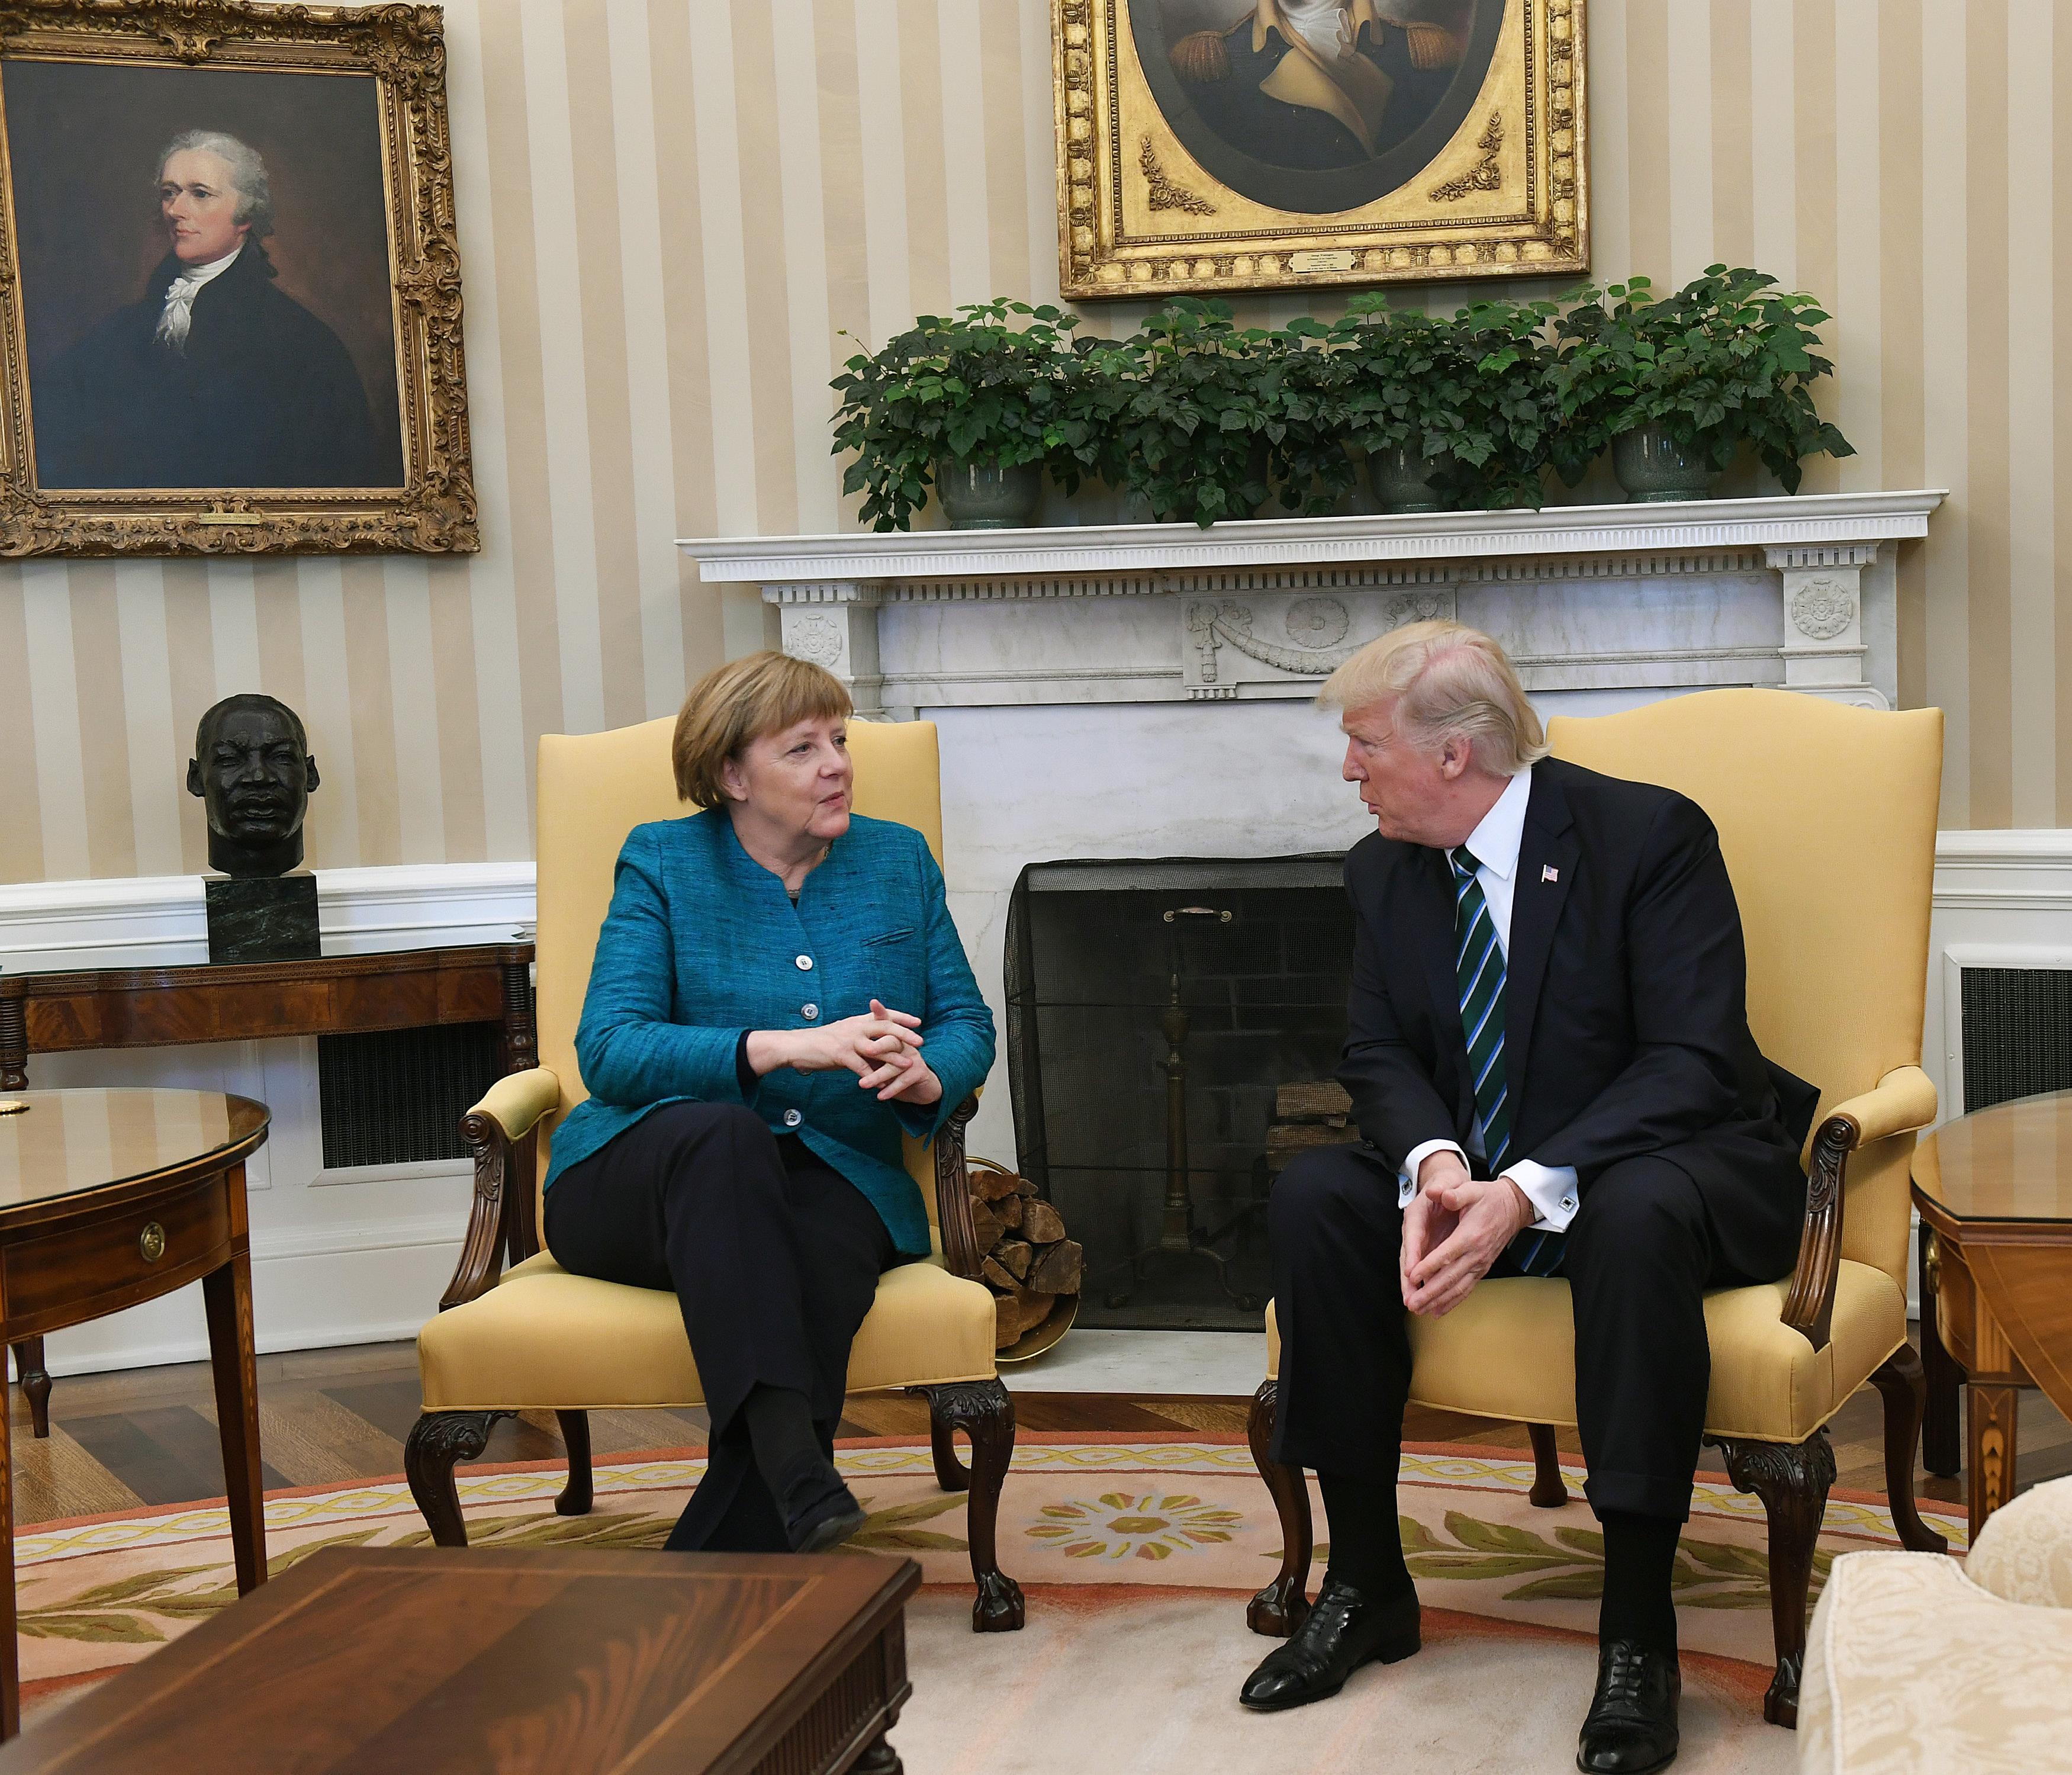 Angela Merkel și Donald Trump în Biroul Oval